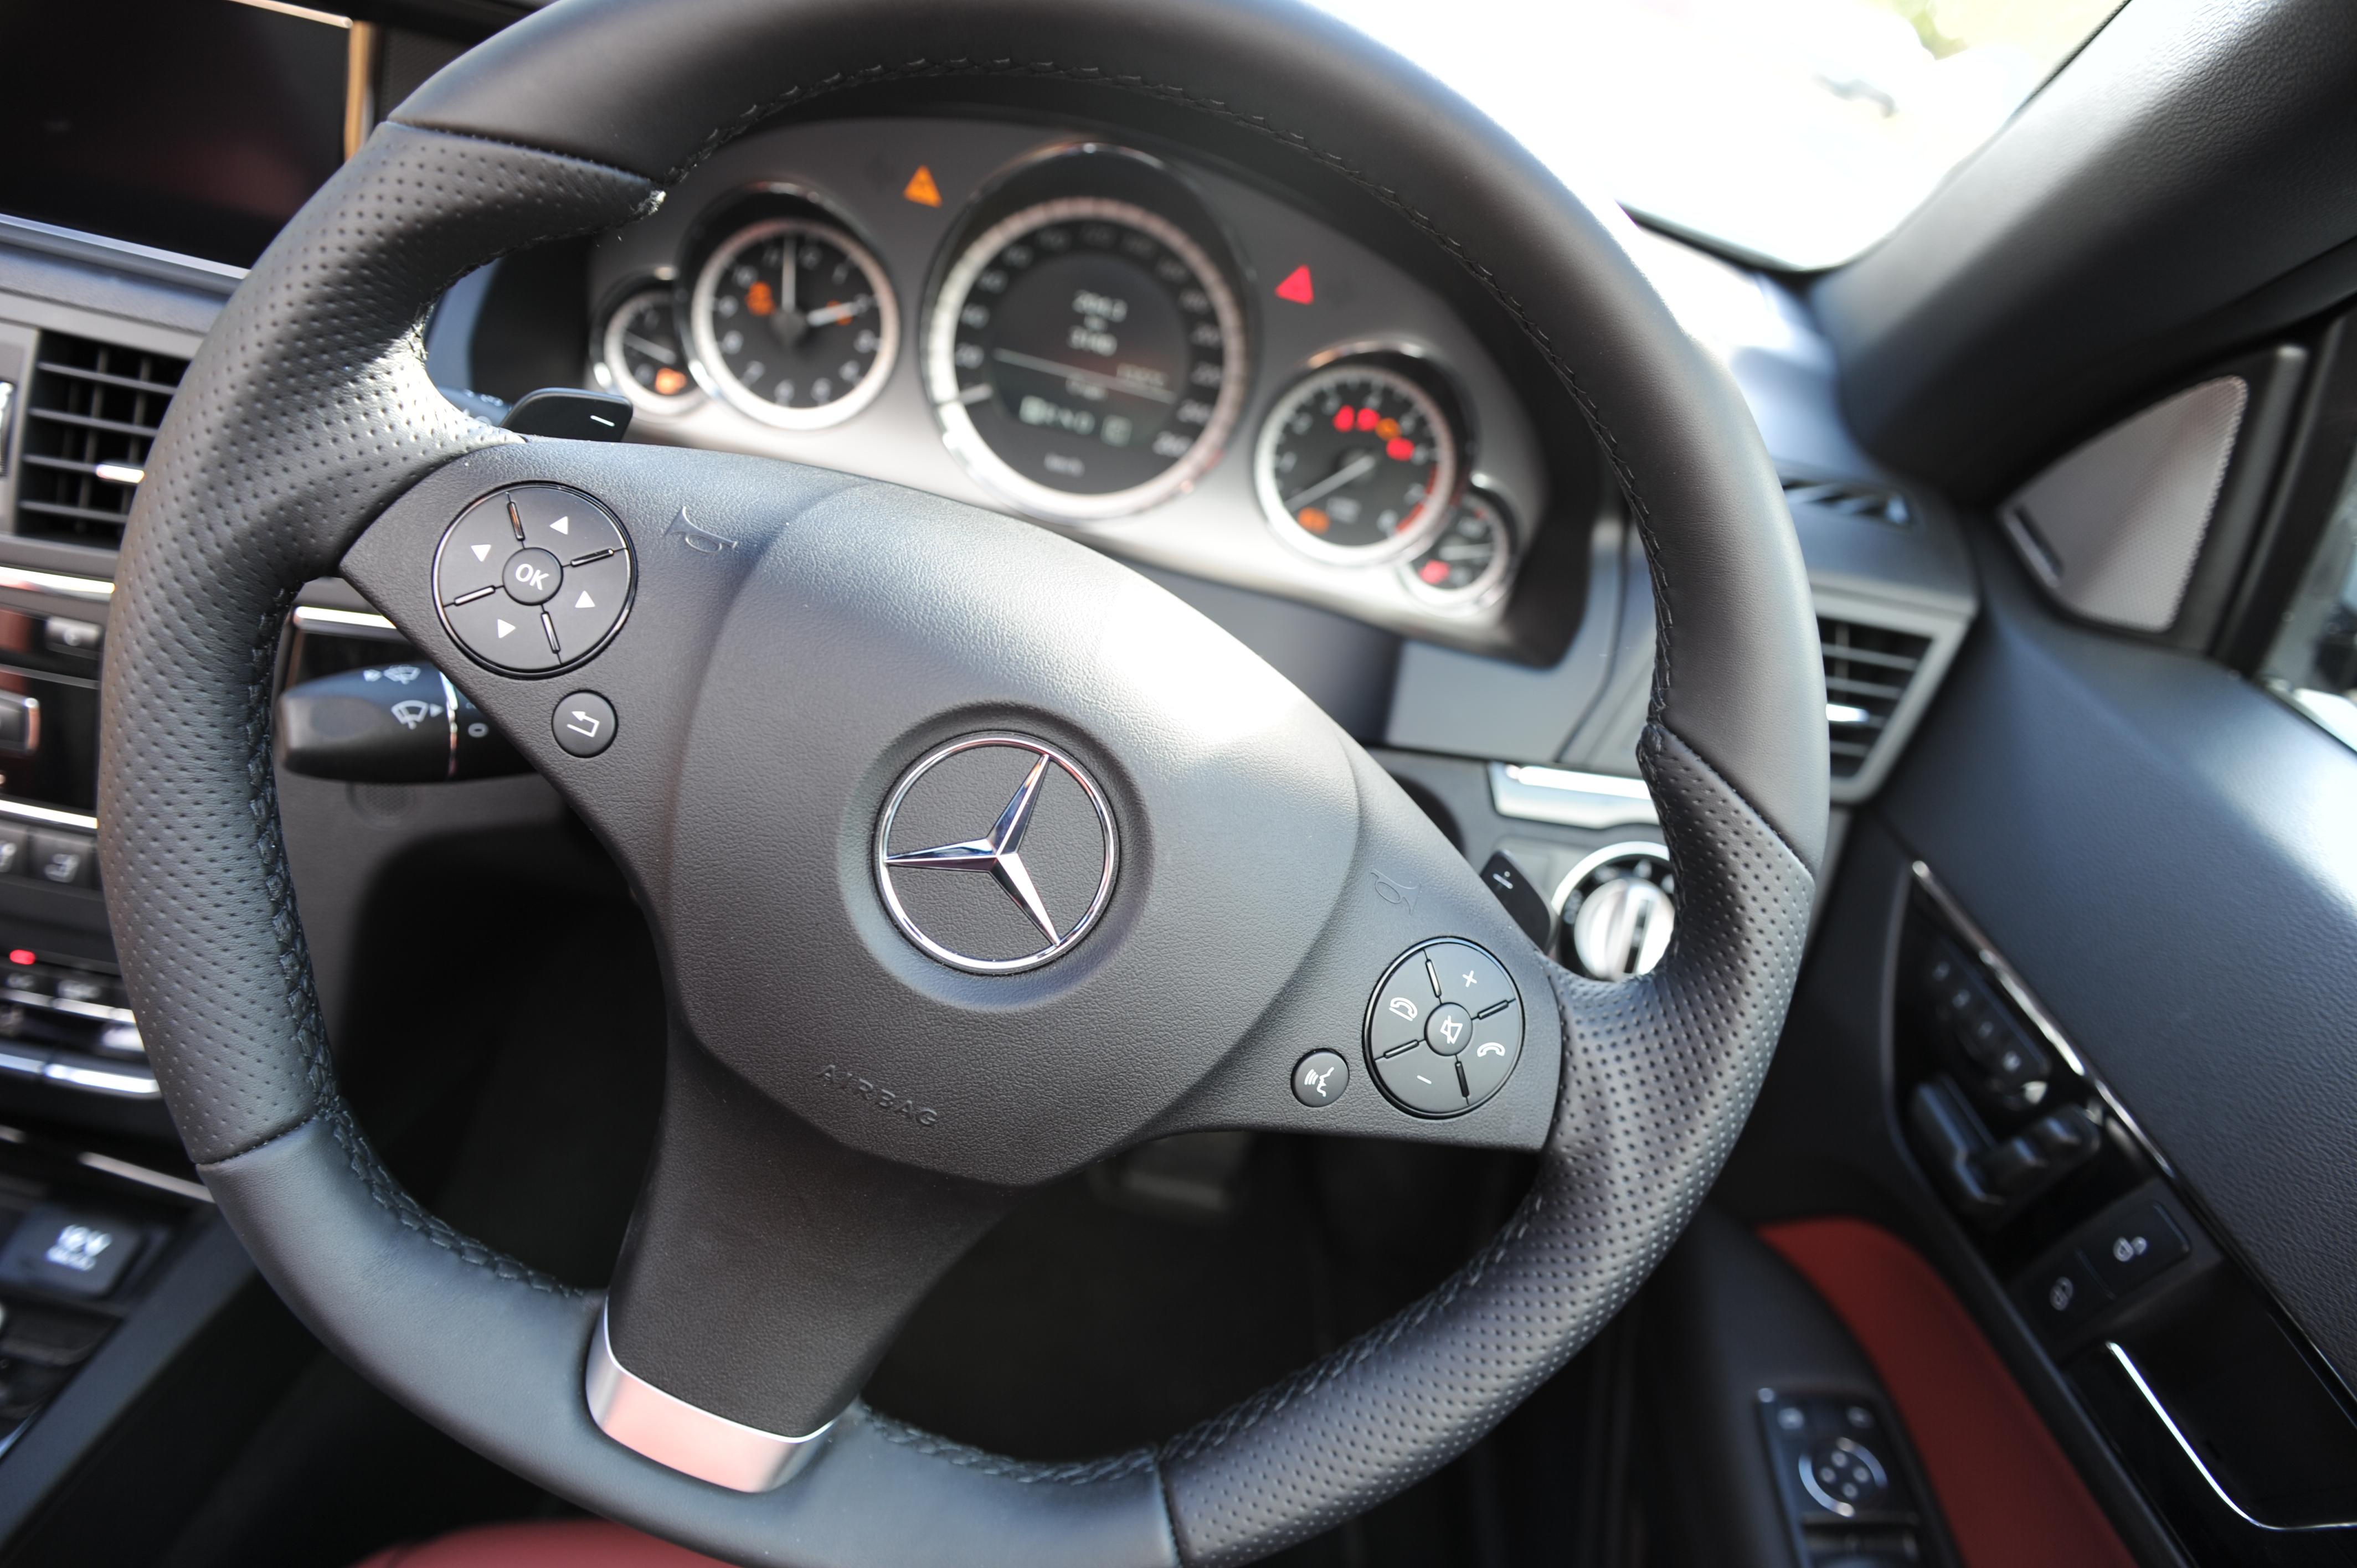 D Steering Wheel Car Games